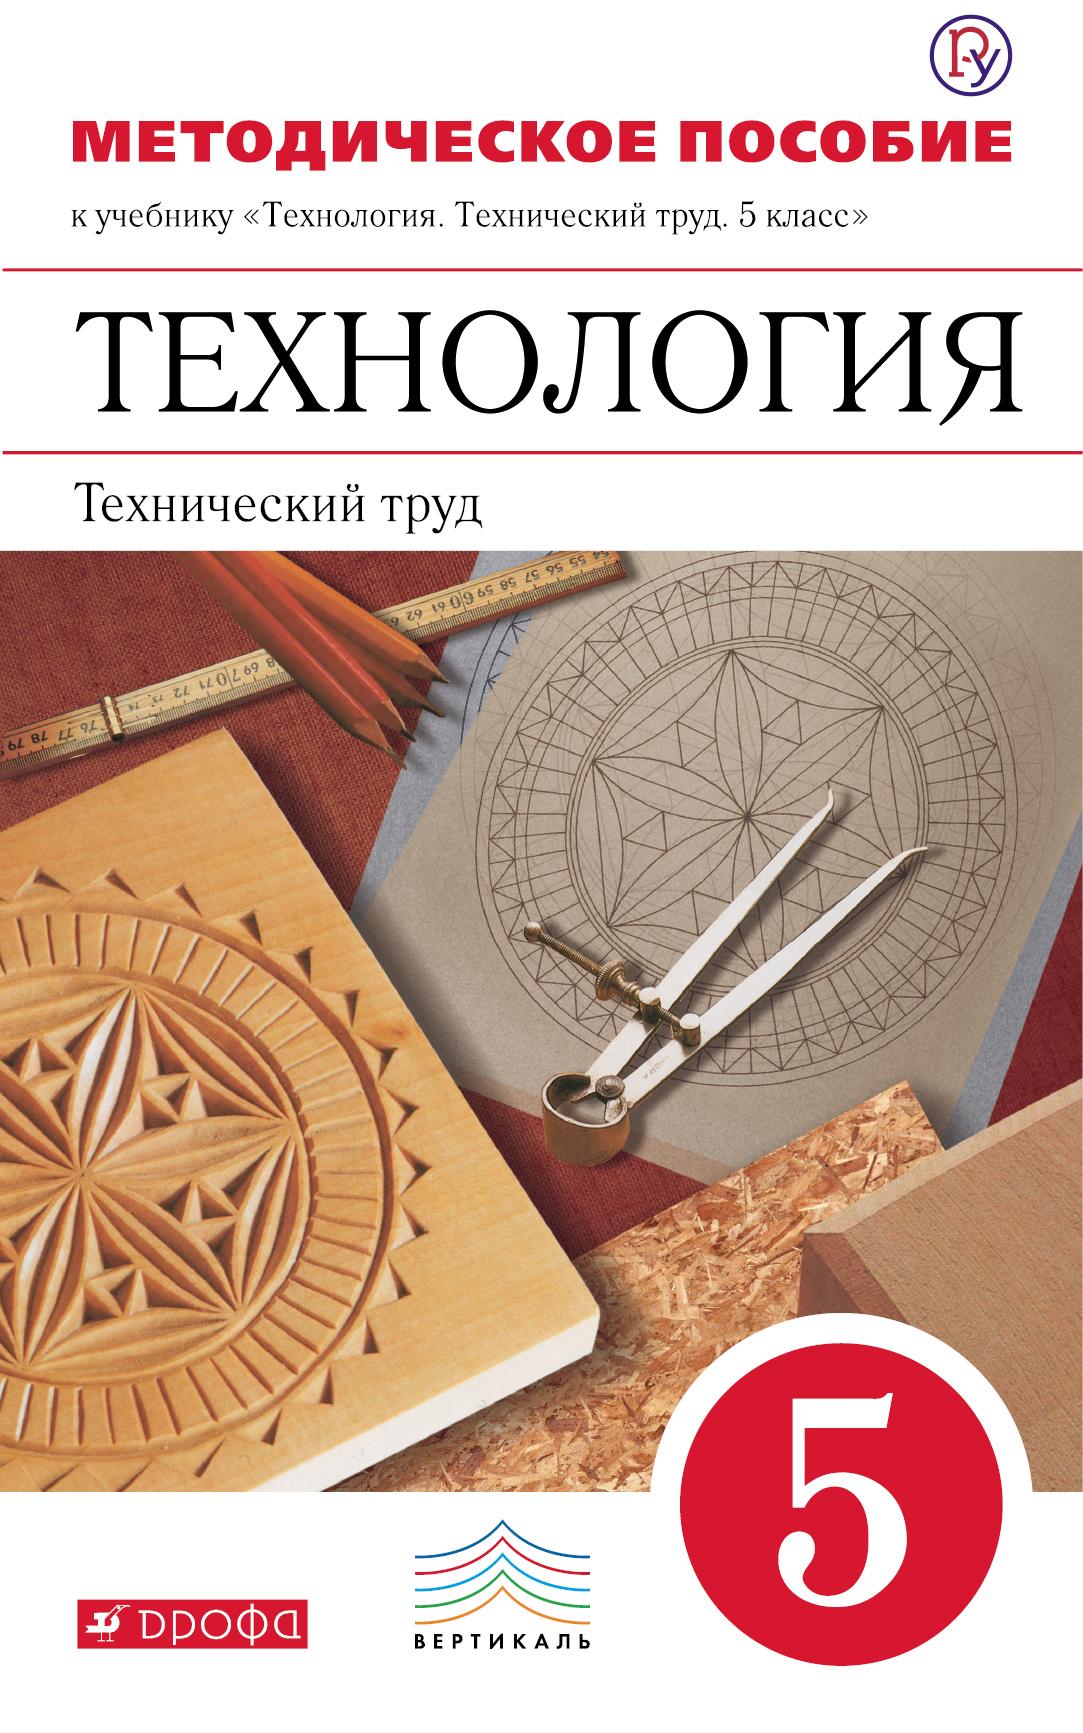 Технология. Технический труд. 5 класс. Методическое пособие ( Казакевич В.М.  )